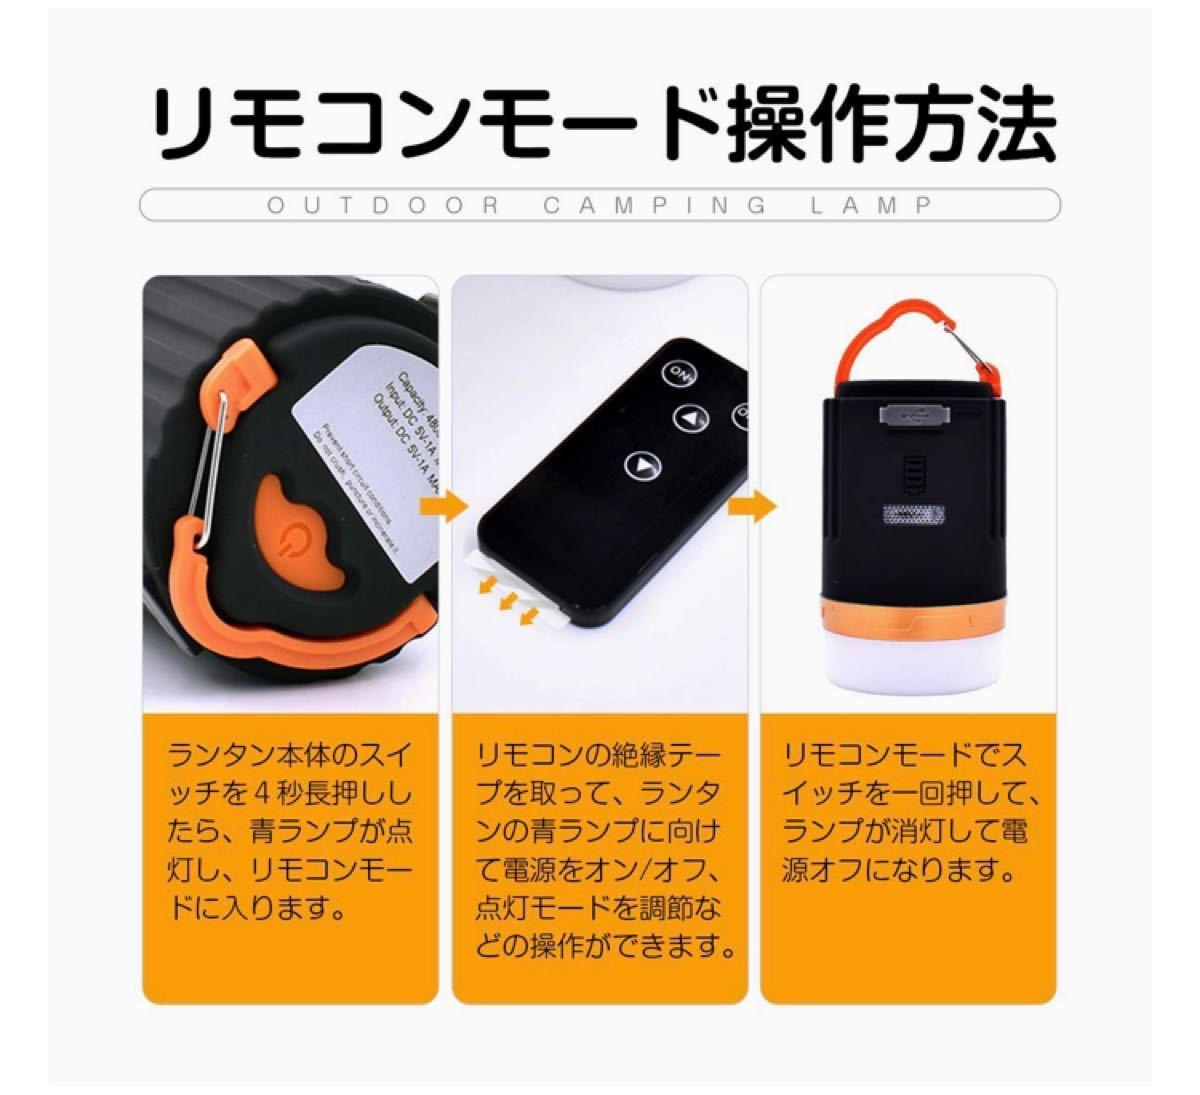 ランタン 充電式 モバイルバッテリー キャンプランタン マグネット式 防水 防災グッズ